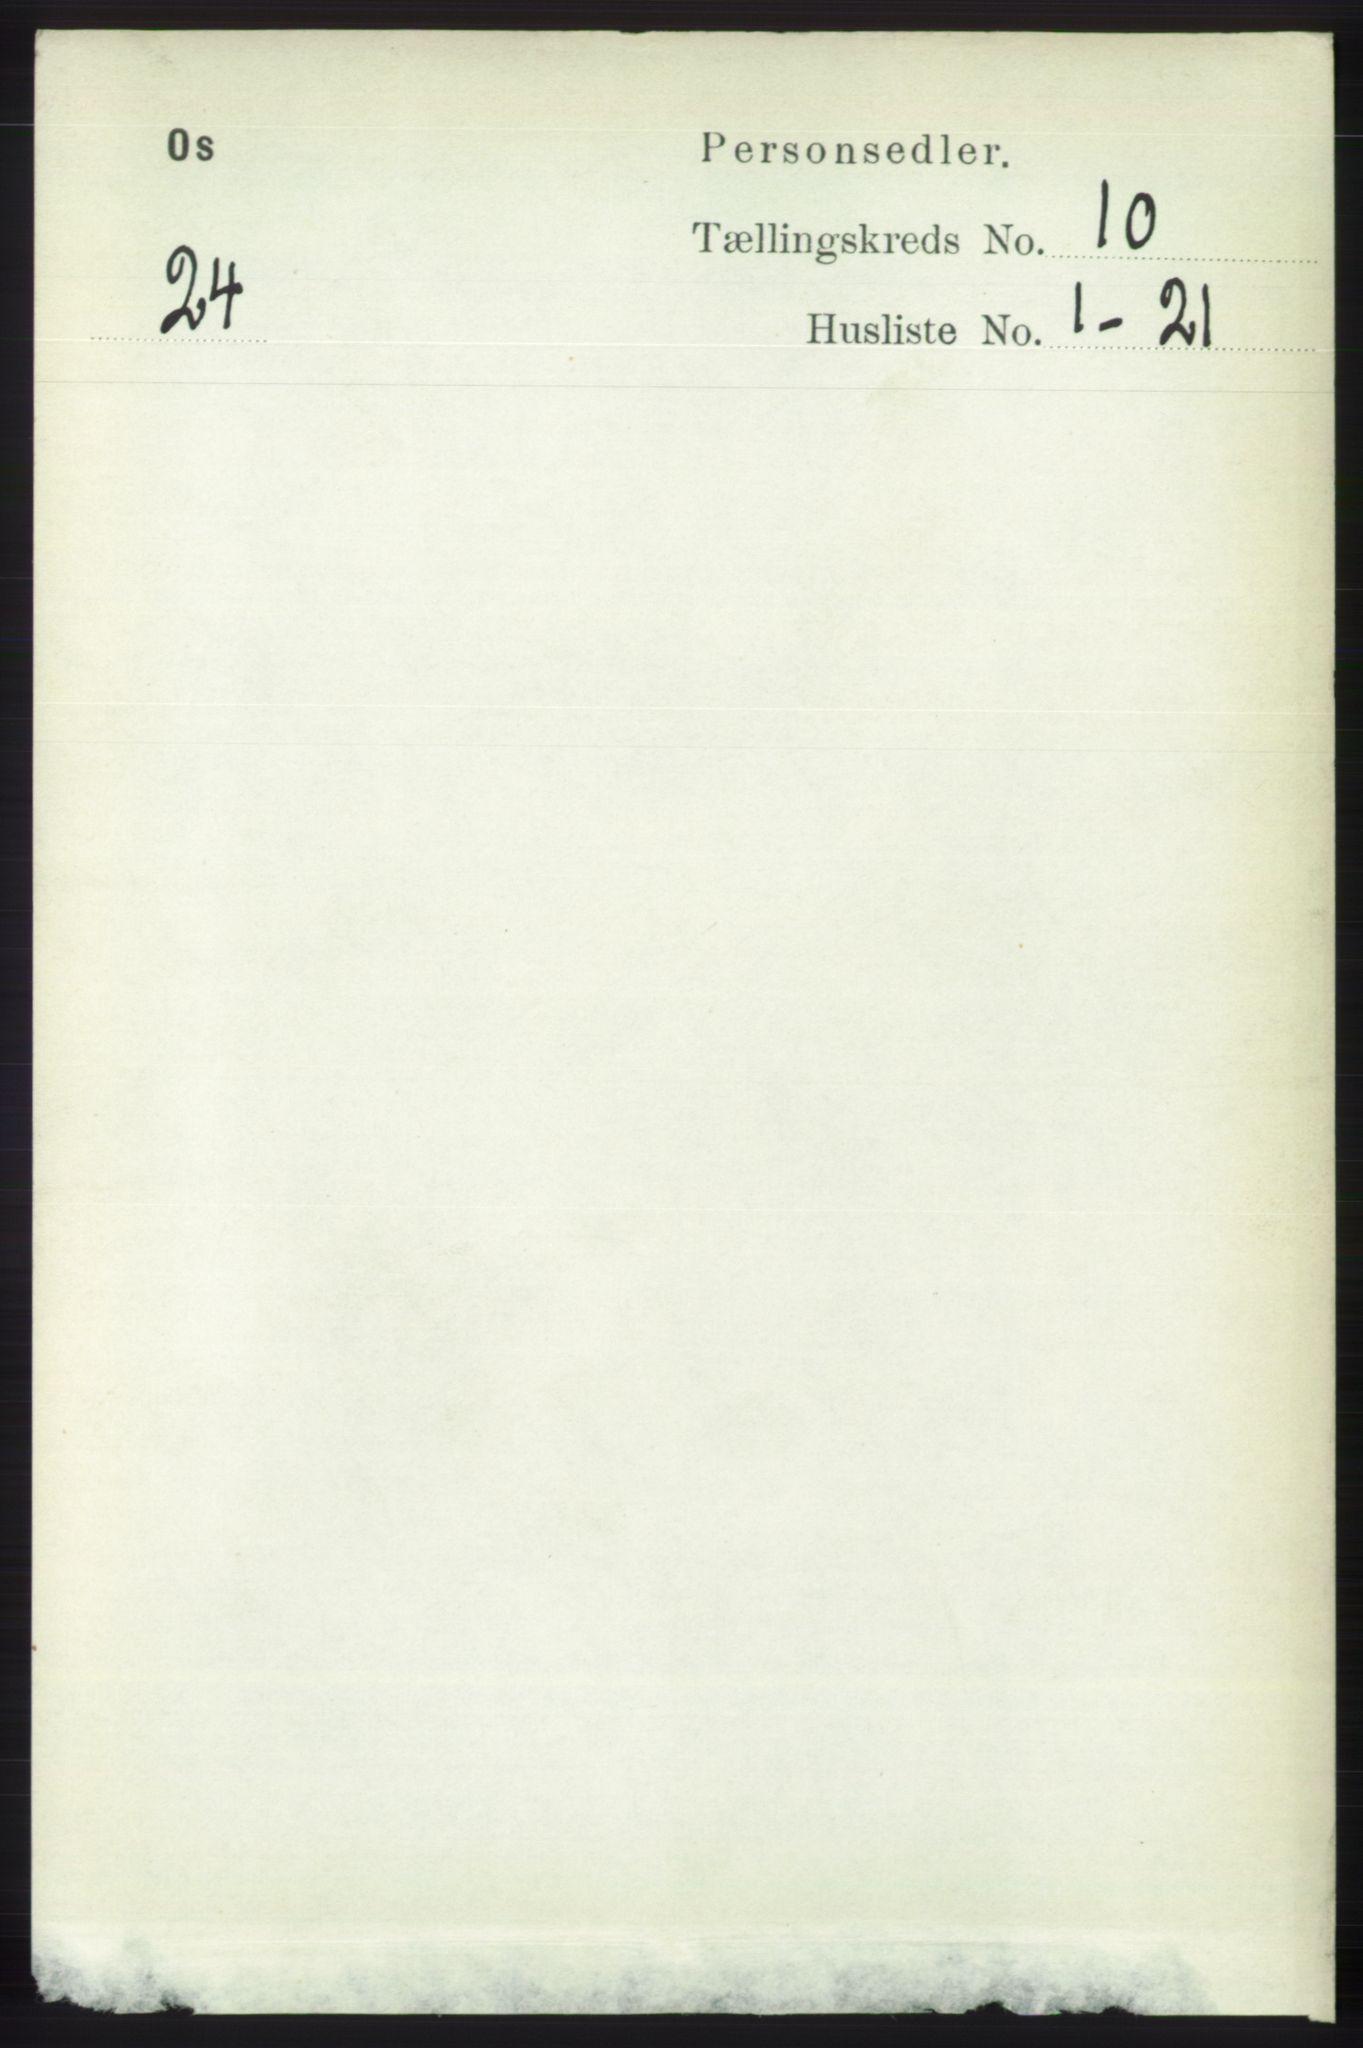 RA, Folketelling 1891 for 1243 Os herred, 1891, s. 2258